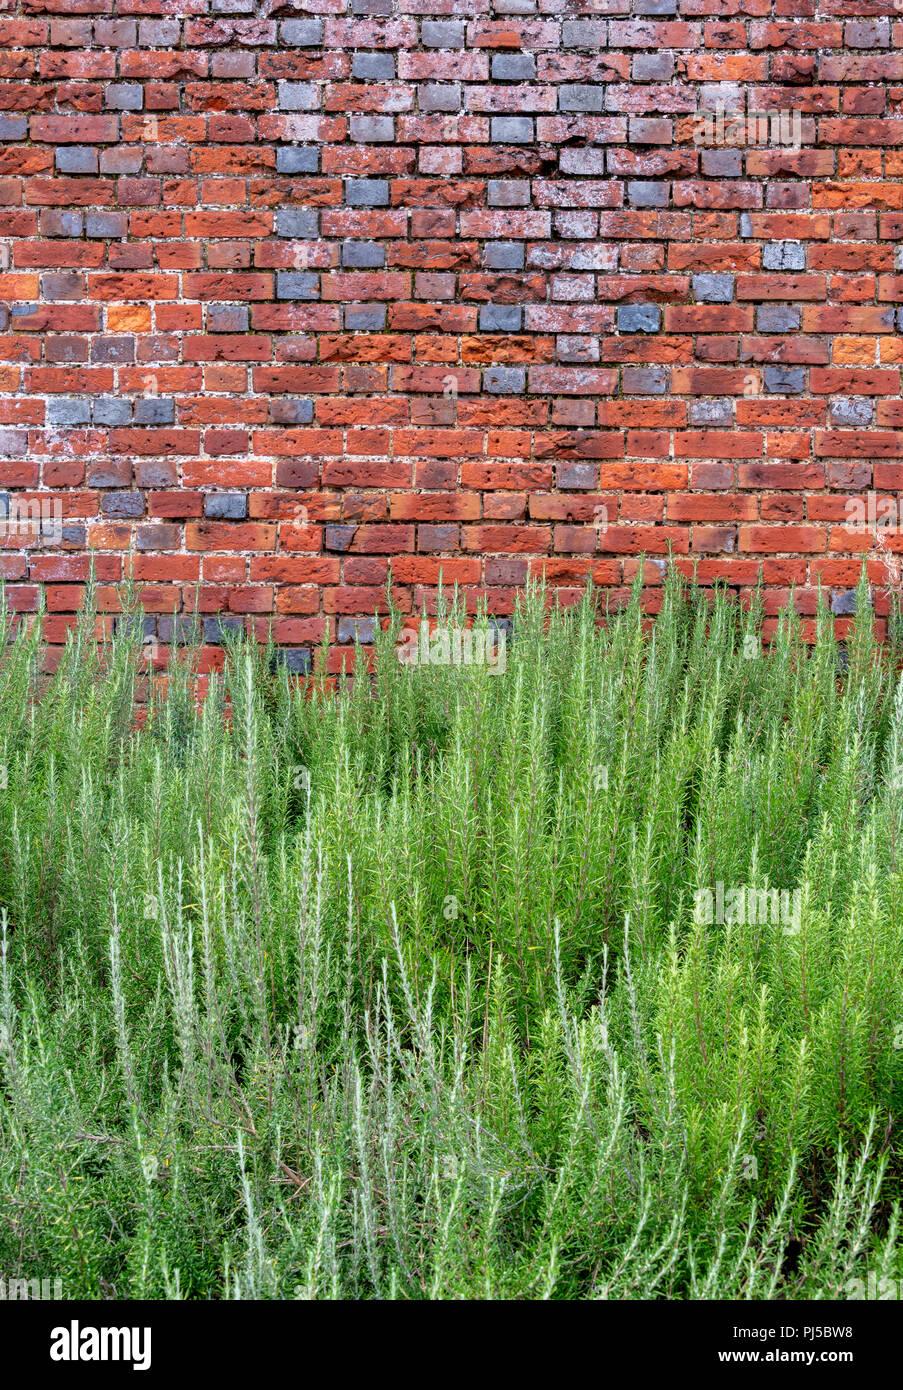 alte mauerpflanzen stockfotos & alte mauerpflanzen bilder - alamy